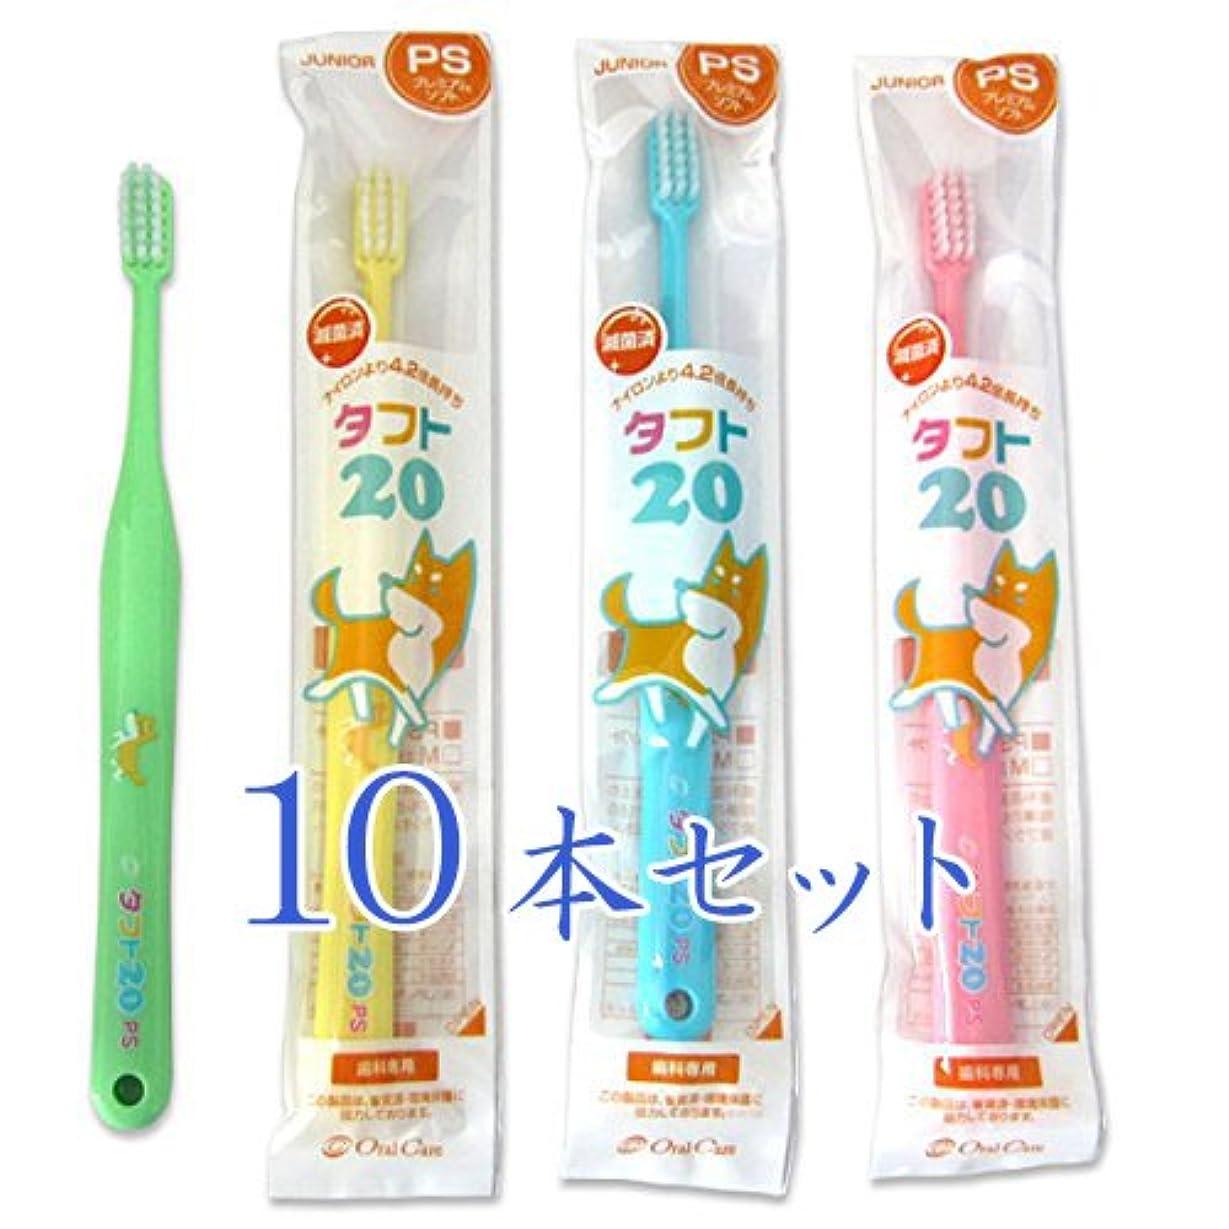 復活呼ぶ開発タフト20 PS プレミアムソフト 歯ブラシ混合歯列期用(6~12歳)×10本セット